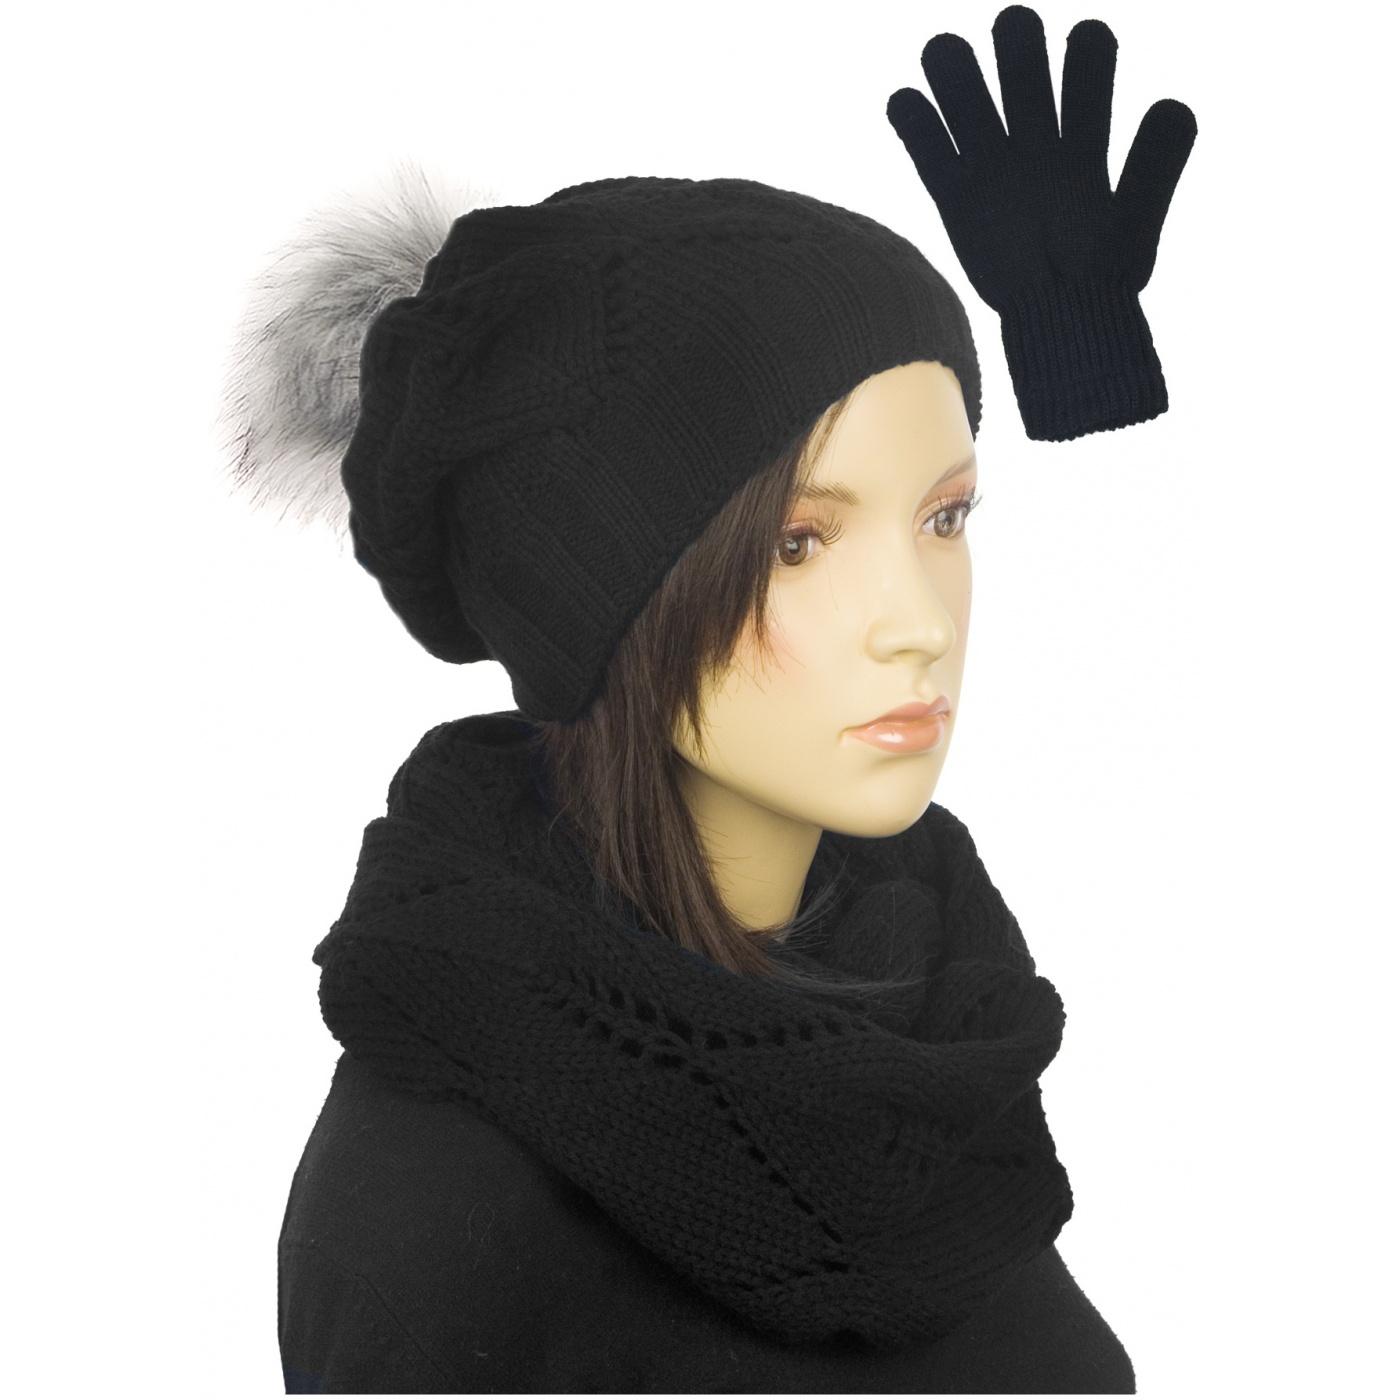 Ażurowy komplet czapka z pomponem, komin, rękawiczki - czarny